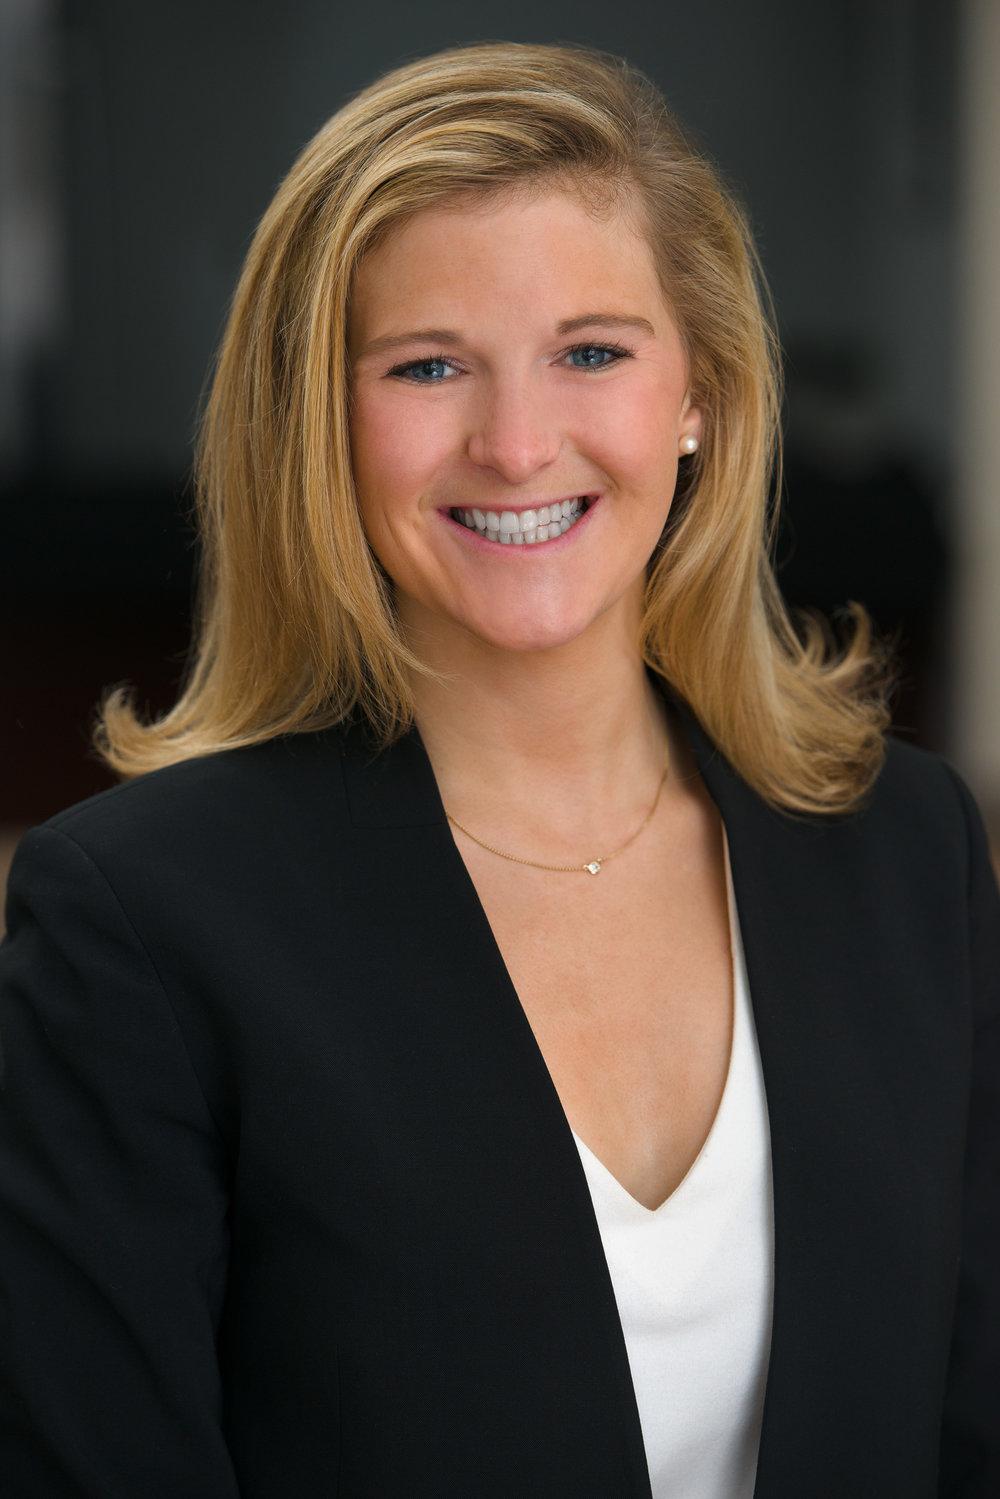 Charlotte A. McAuley Analyst